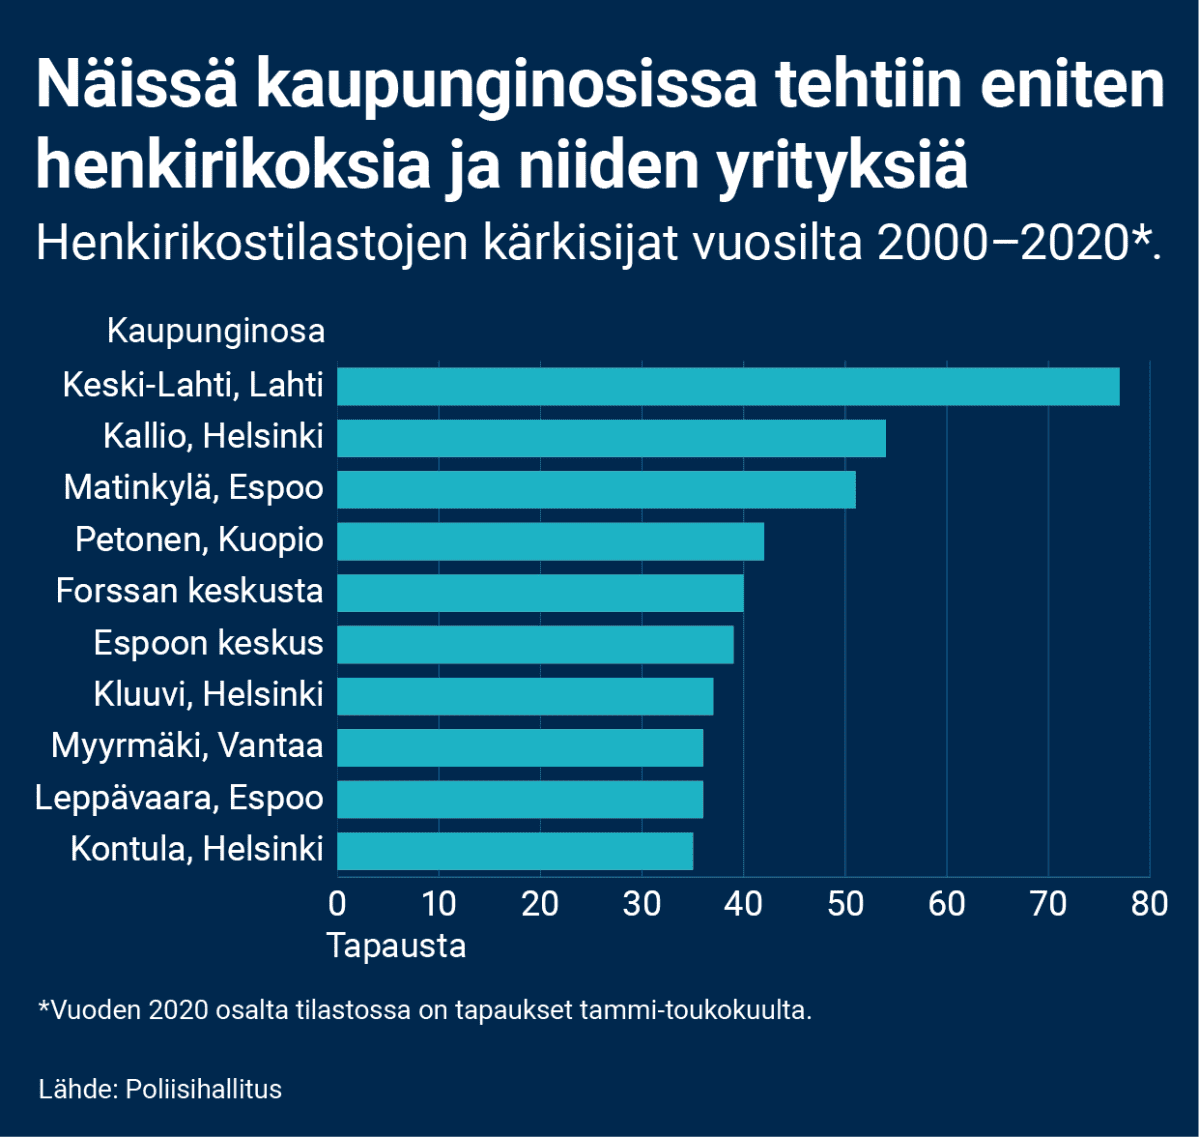 Kaupunginosien kärkisijat henkirikostilastoissa vuosilta 2000–2020. Vuodelta 2020 tilastossa on mukana tapaukset tammi-toukokuulta. Kaupunginosista eniten henkirikoksia tehtiin Keski-Lahdessa (77), sitten Helsingin Kalliossa (54), Espoon Matinkylässä (51), Kuopion Petosella (42), Forssan keskustassa (40), Espoon keskuksessa (39), Helsingin Kluuvissa (37), Vantaan Myyrmäess (36), Espoon Leppävaarassa (36) ja Helsingin Kontulassa (35).